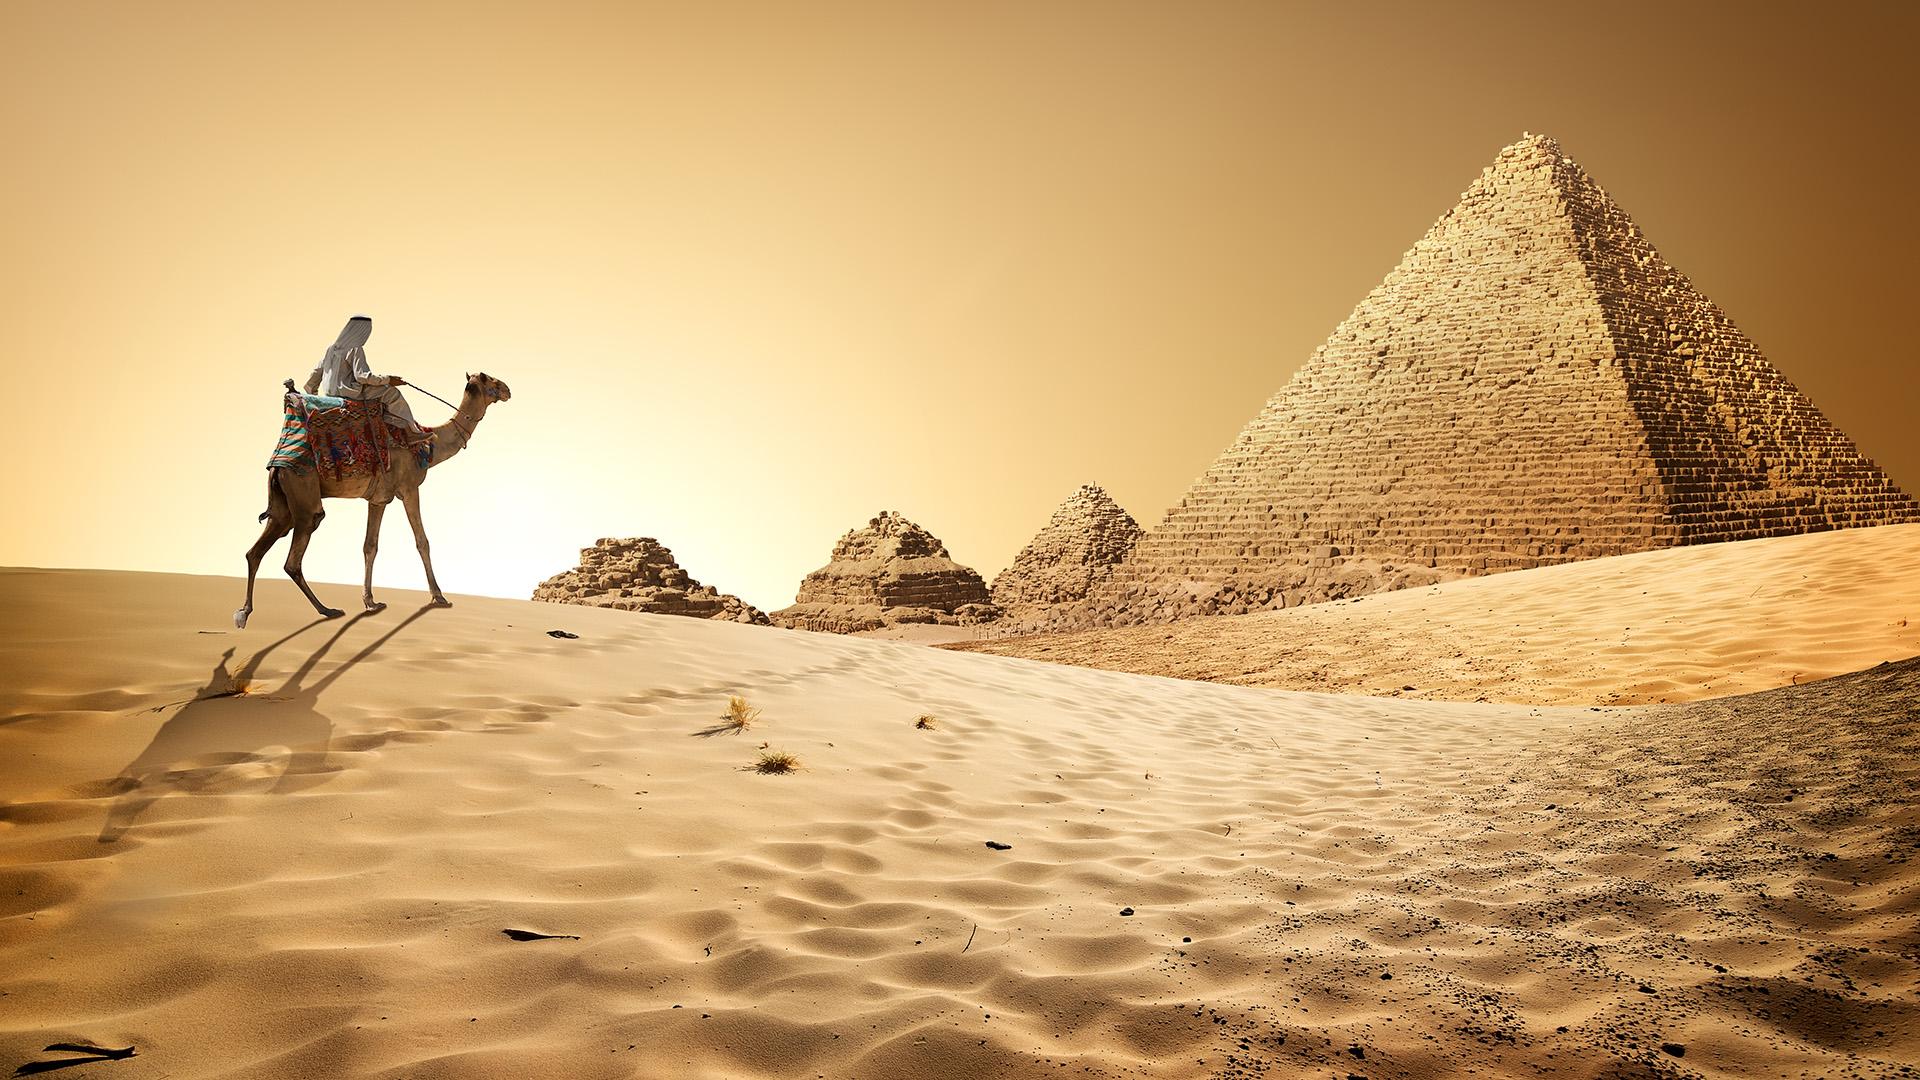 Para los especialistas de viaje existen dos atracciones principales que alimentan esta tendencia. El primero es Steam Ship Sudan, un crucero que se desliza por el Nilo entre Luxor y Asuán, deteniéndose en sitios arqueológicos, templos y tumbas en el camino. El segundo es el Gran Museo Egipcio, reubicado y de nueva construcción con vistas a las pirámides de Giza. El museo albergará más de 100.000 artefactos egipcios antiguos, muchos de los cuales nunca antes se habían mostrado en público